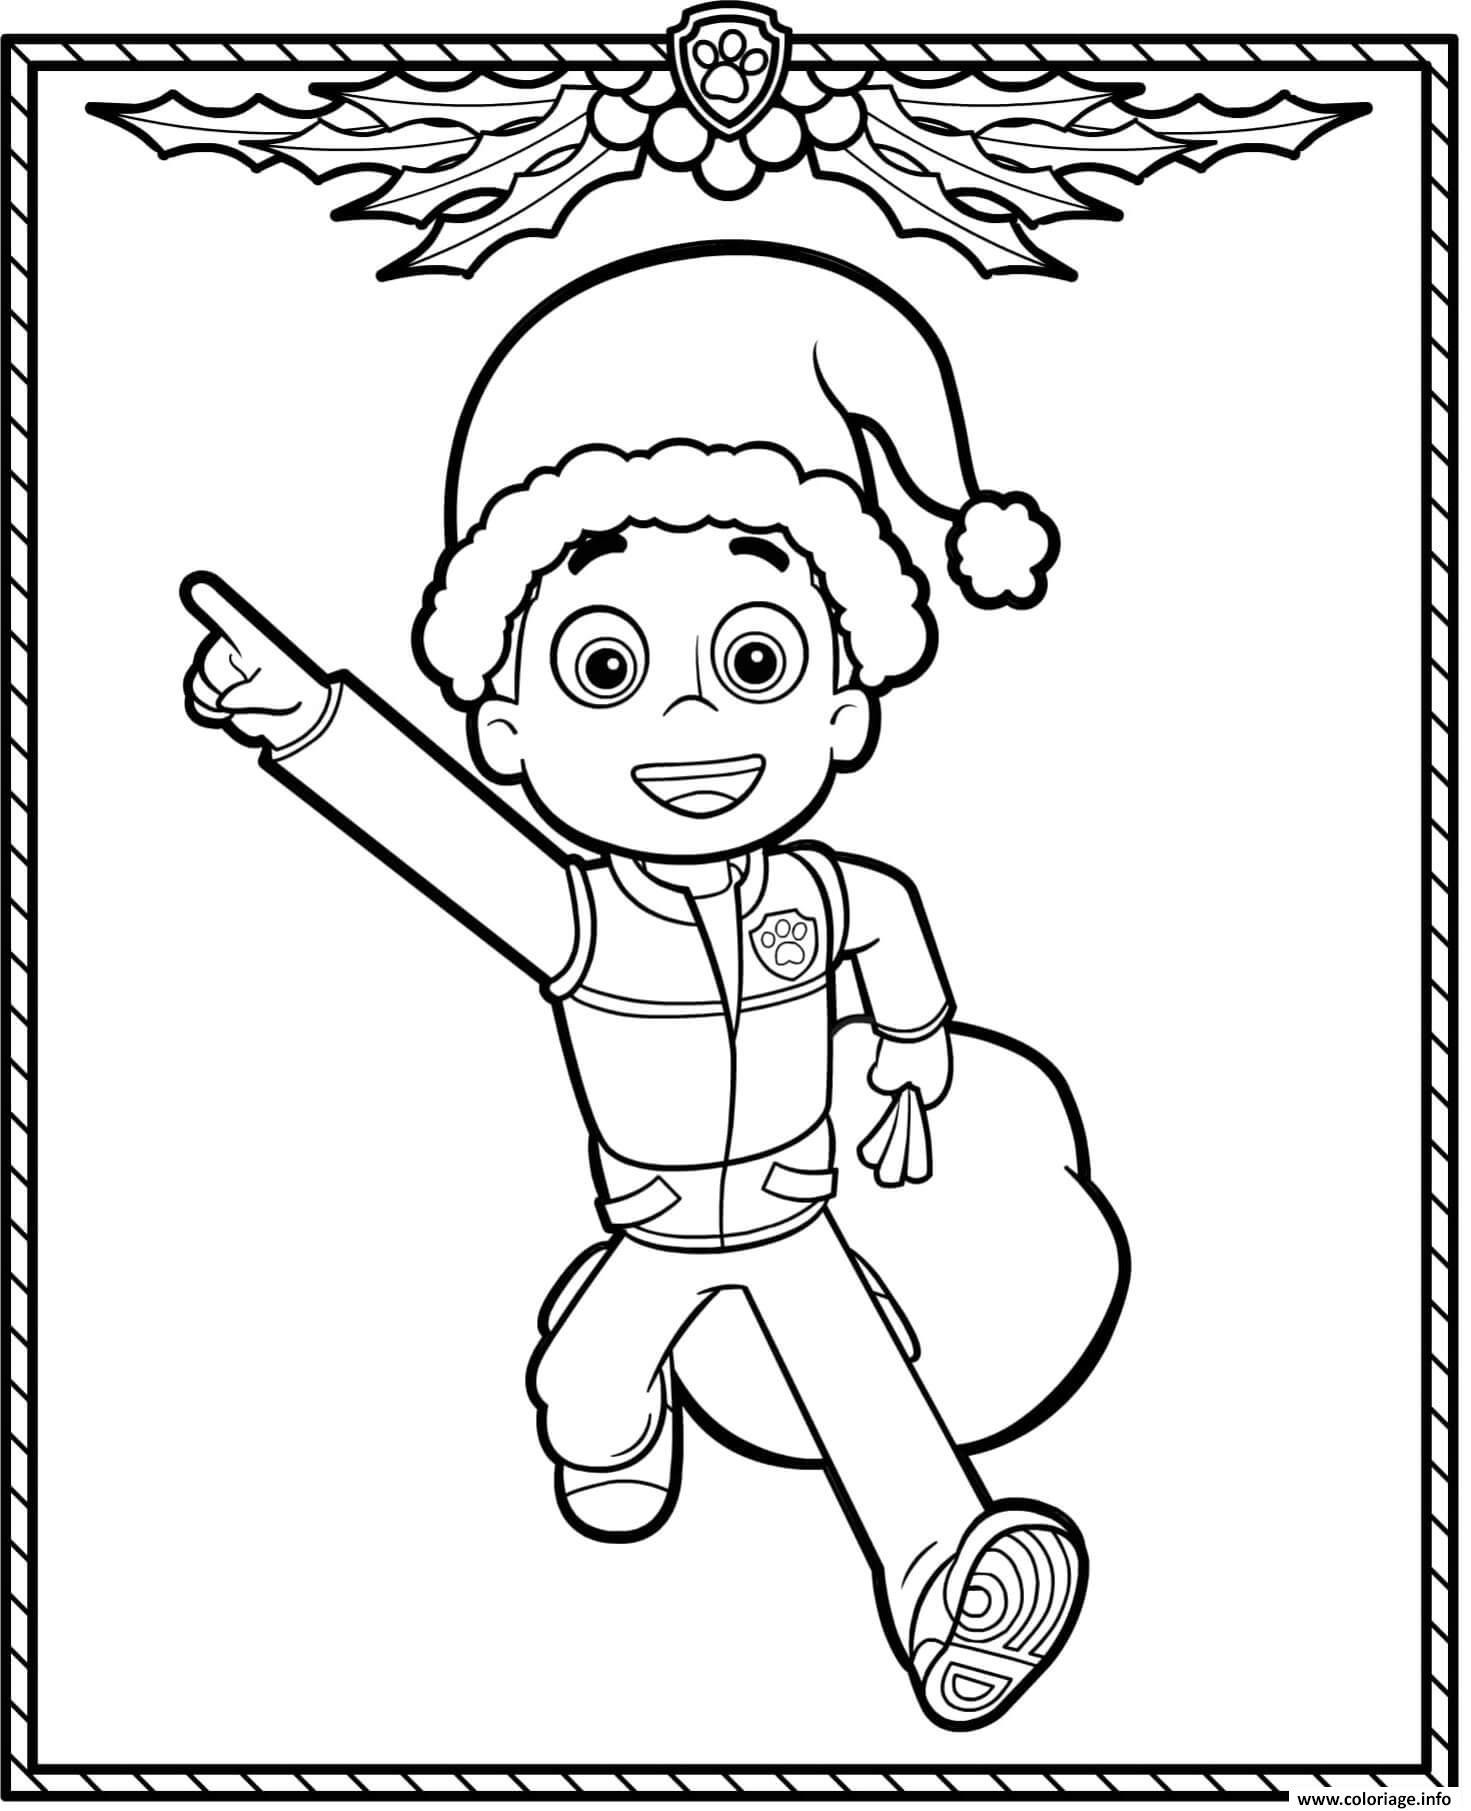 dessin à imprimer: Dessin A Imprimer Pat Patrouille Noel